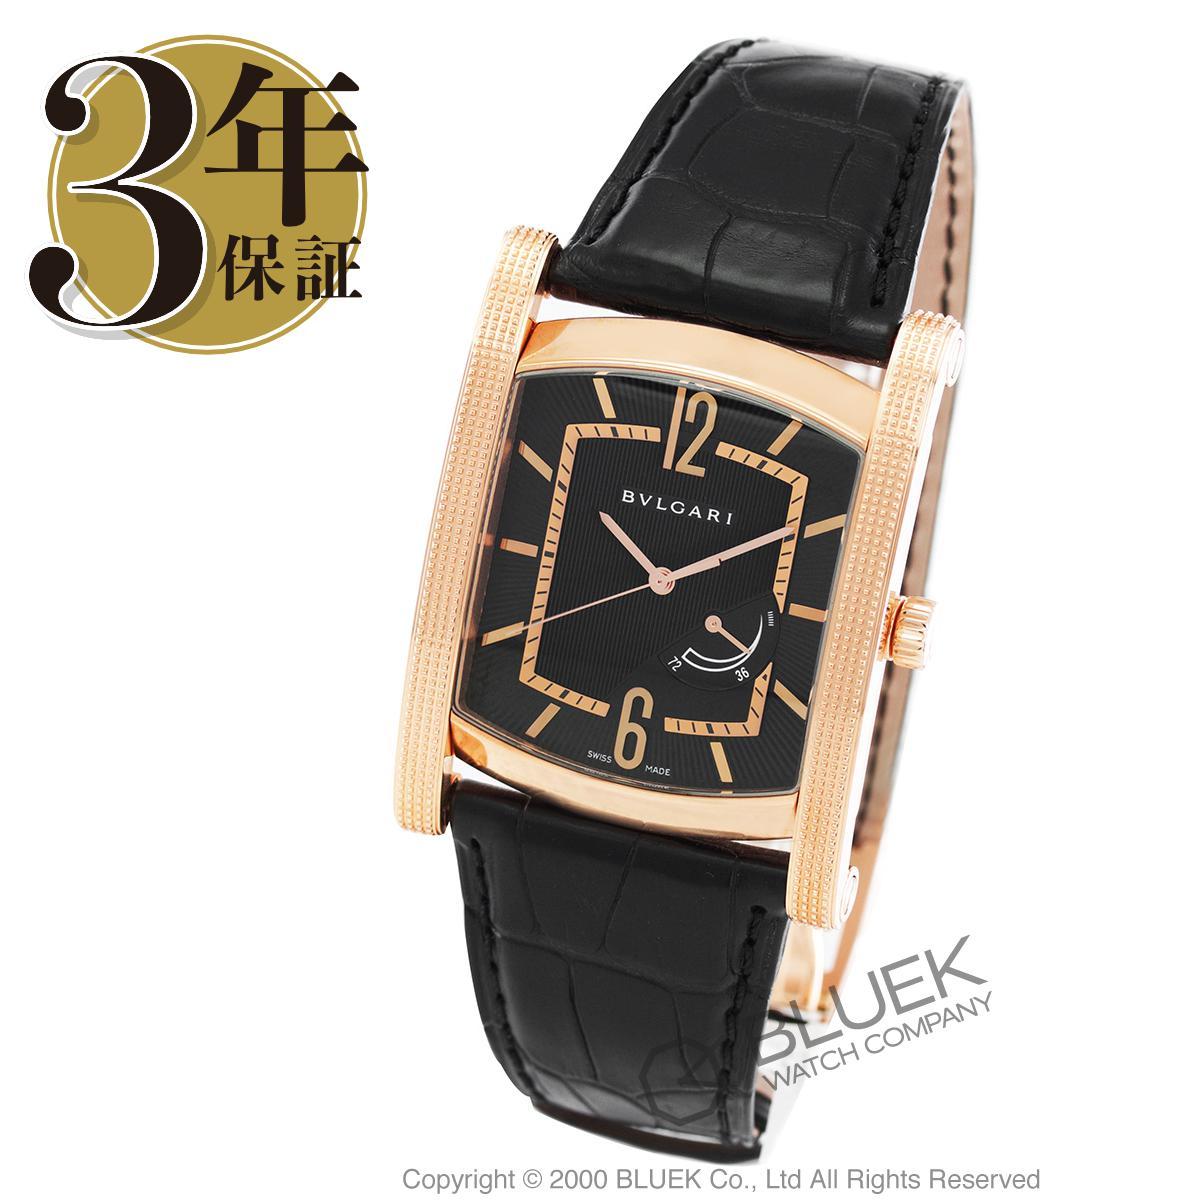 ブルガリ アショーマ パワーリザーブ PG金無垢 アリゲーターレザー 腕時計 メンズ BVLGARI AAP48BGL_8